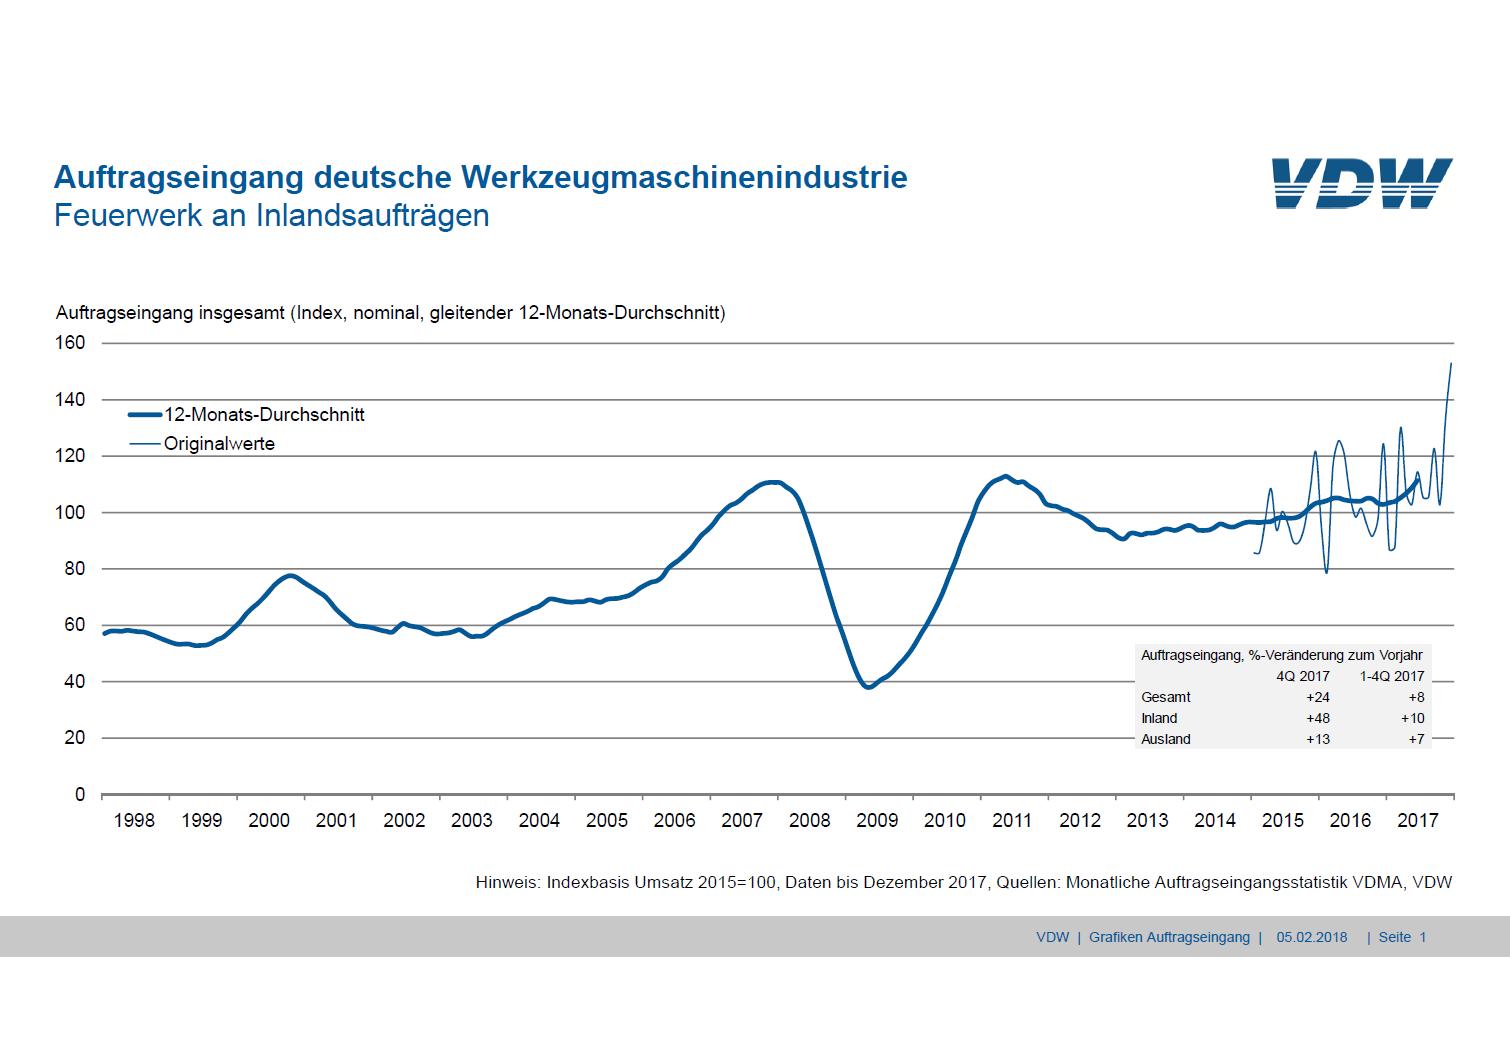 Auftragseingang deutsche Werkzeugmaschinenindustrie, Quelle: VDW